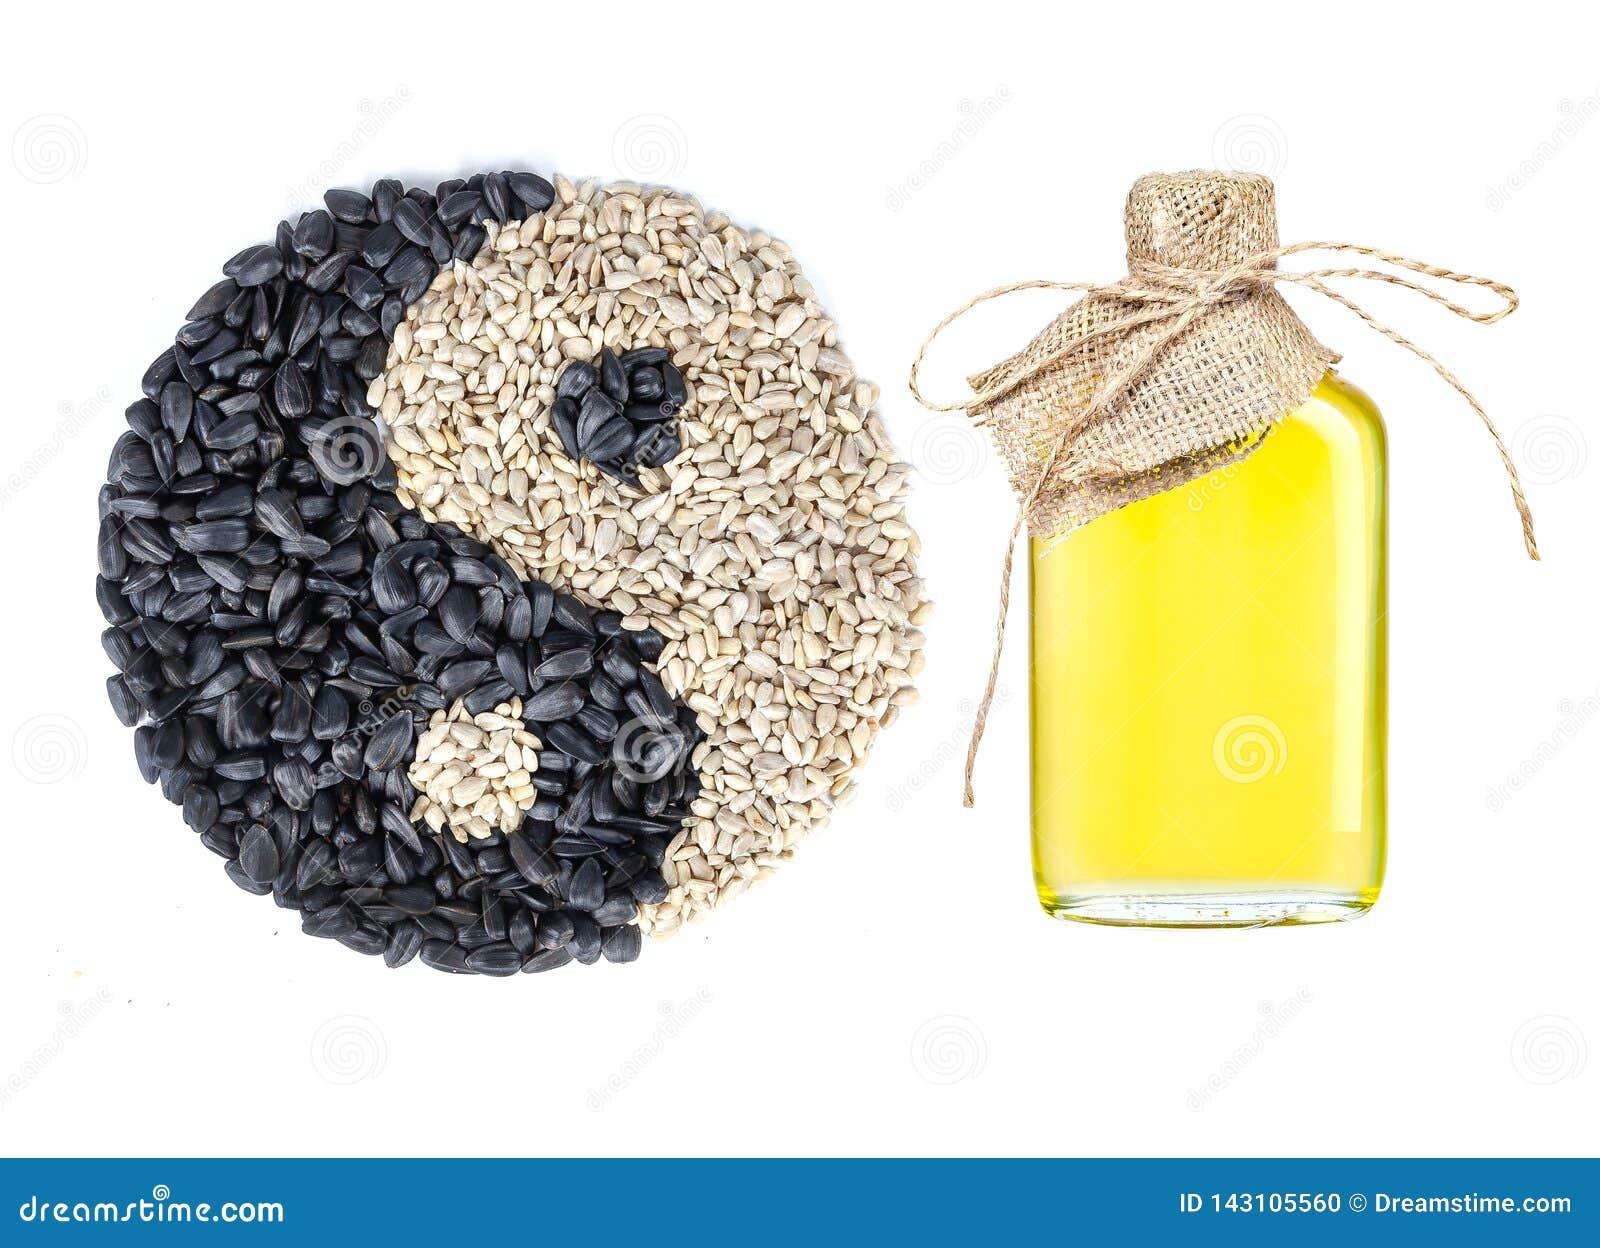 Ηλιέλαιο σε ένα επεξεργασμένο μπουκάλι γυαλιού και ένα yin και yang σύμβολο φιαγμένο από σπόρους στο άσπρο backgound